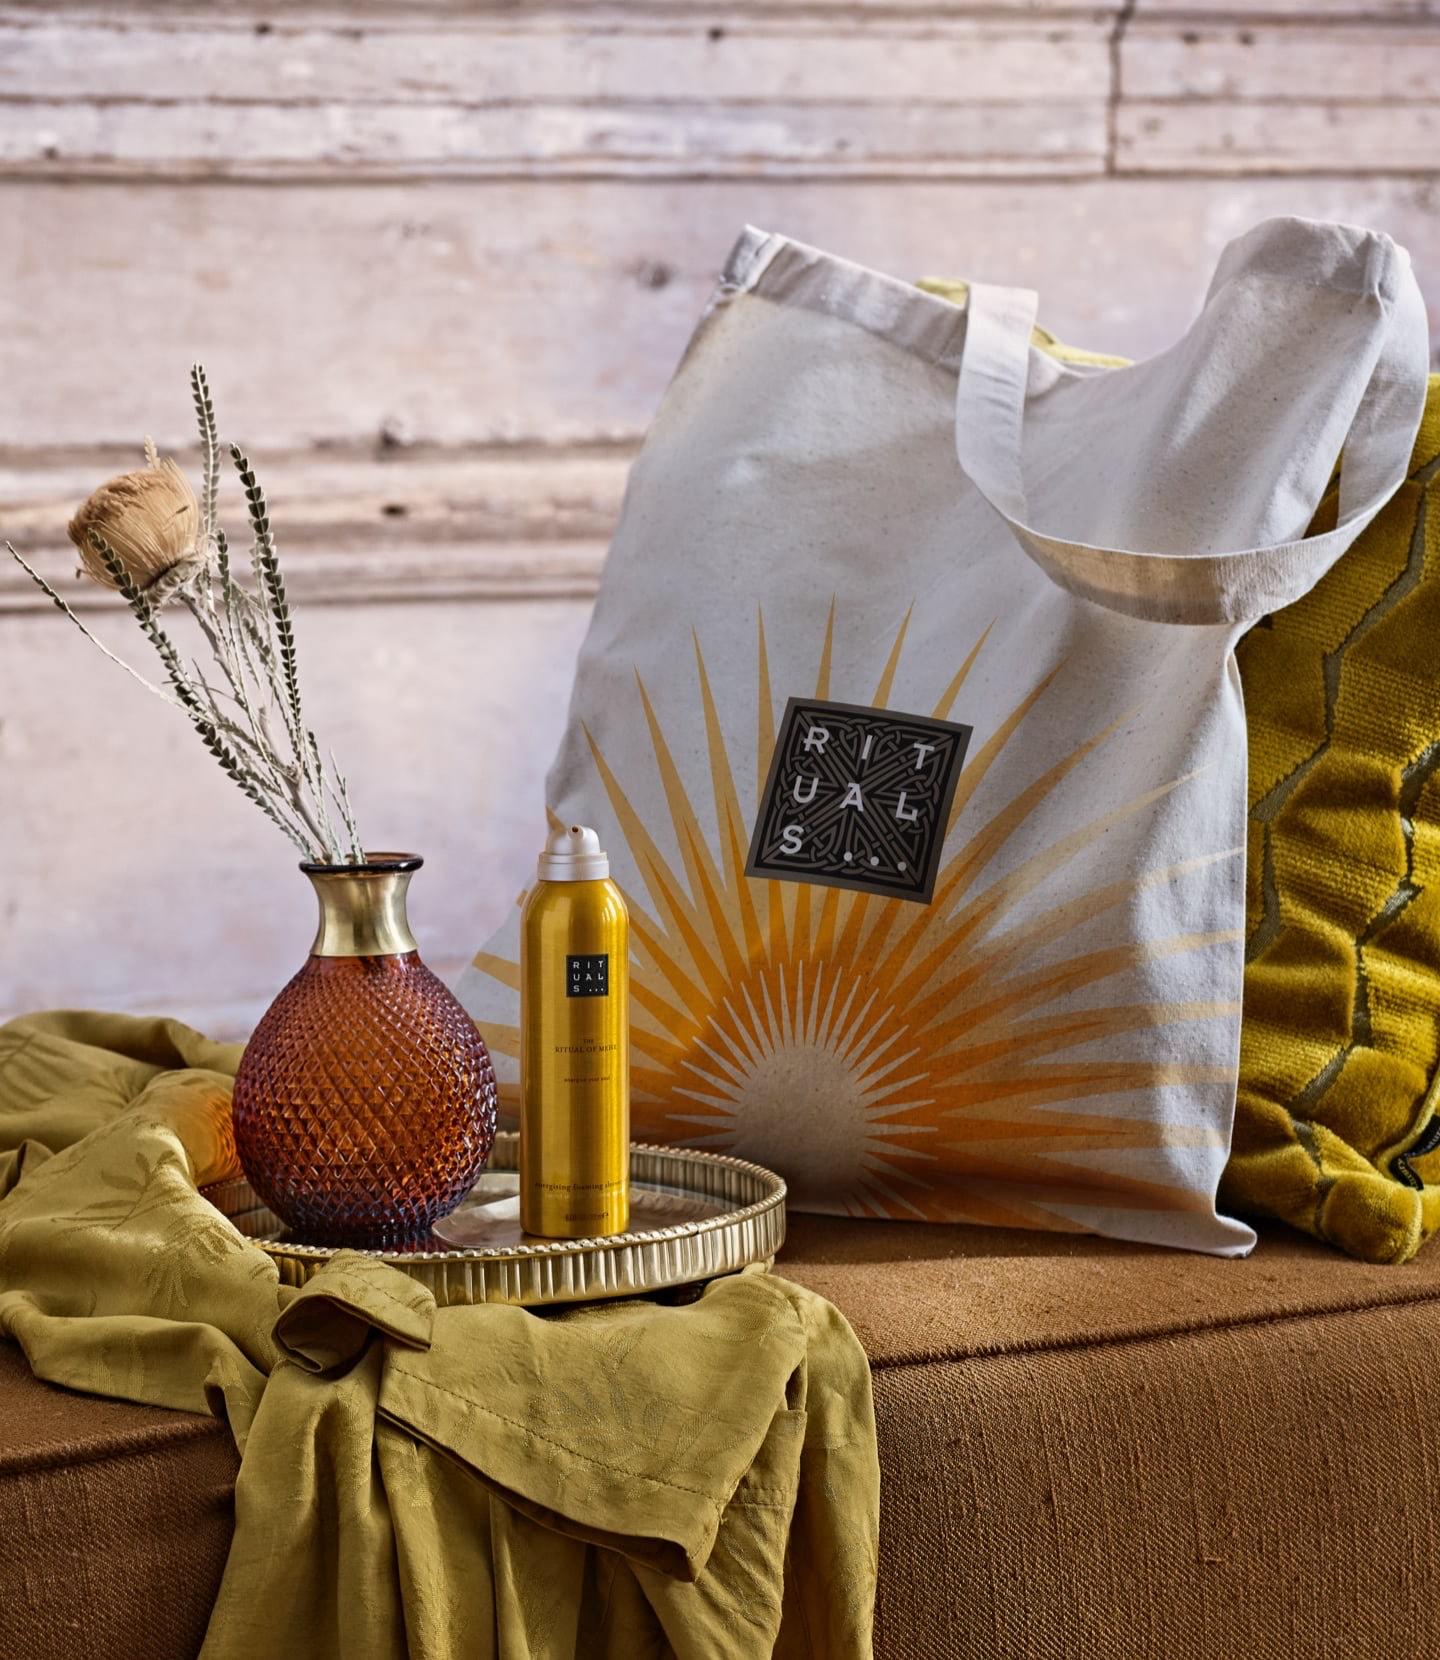 RITUALS: bij besteding van 45 euro een exclusieve canvas tas en foaming showergel cadeau